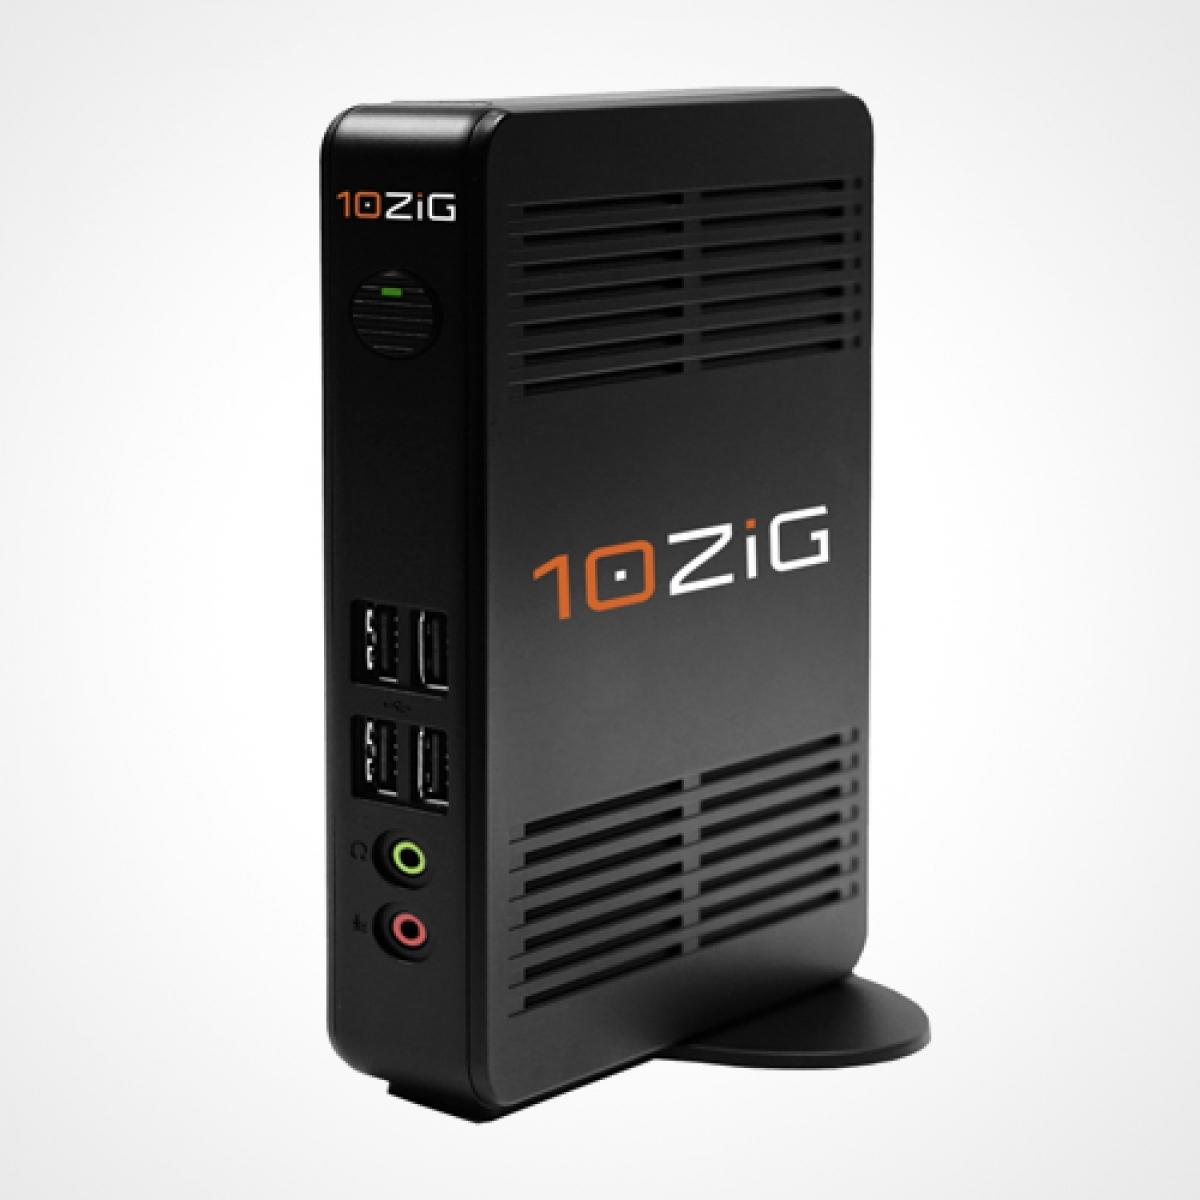 V1206-PD Zero Client